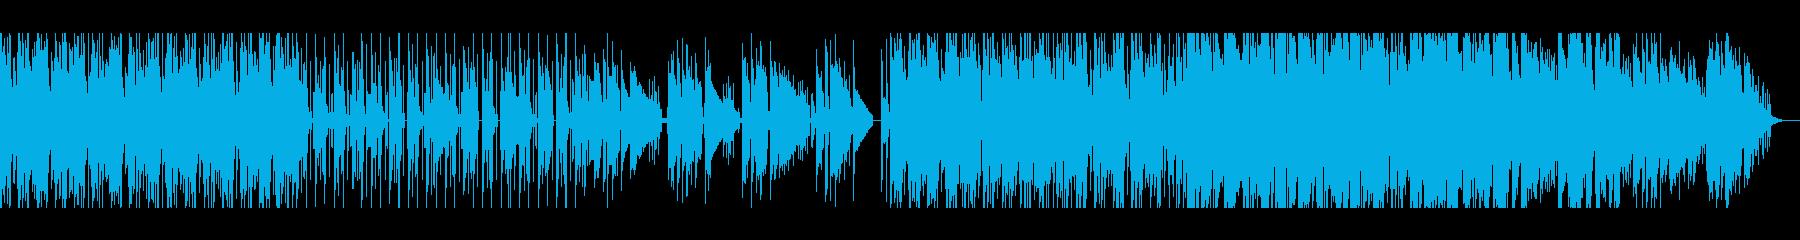 【短いVer3】スペーシーファンクの再生済みの波形